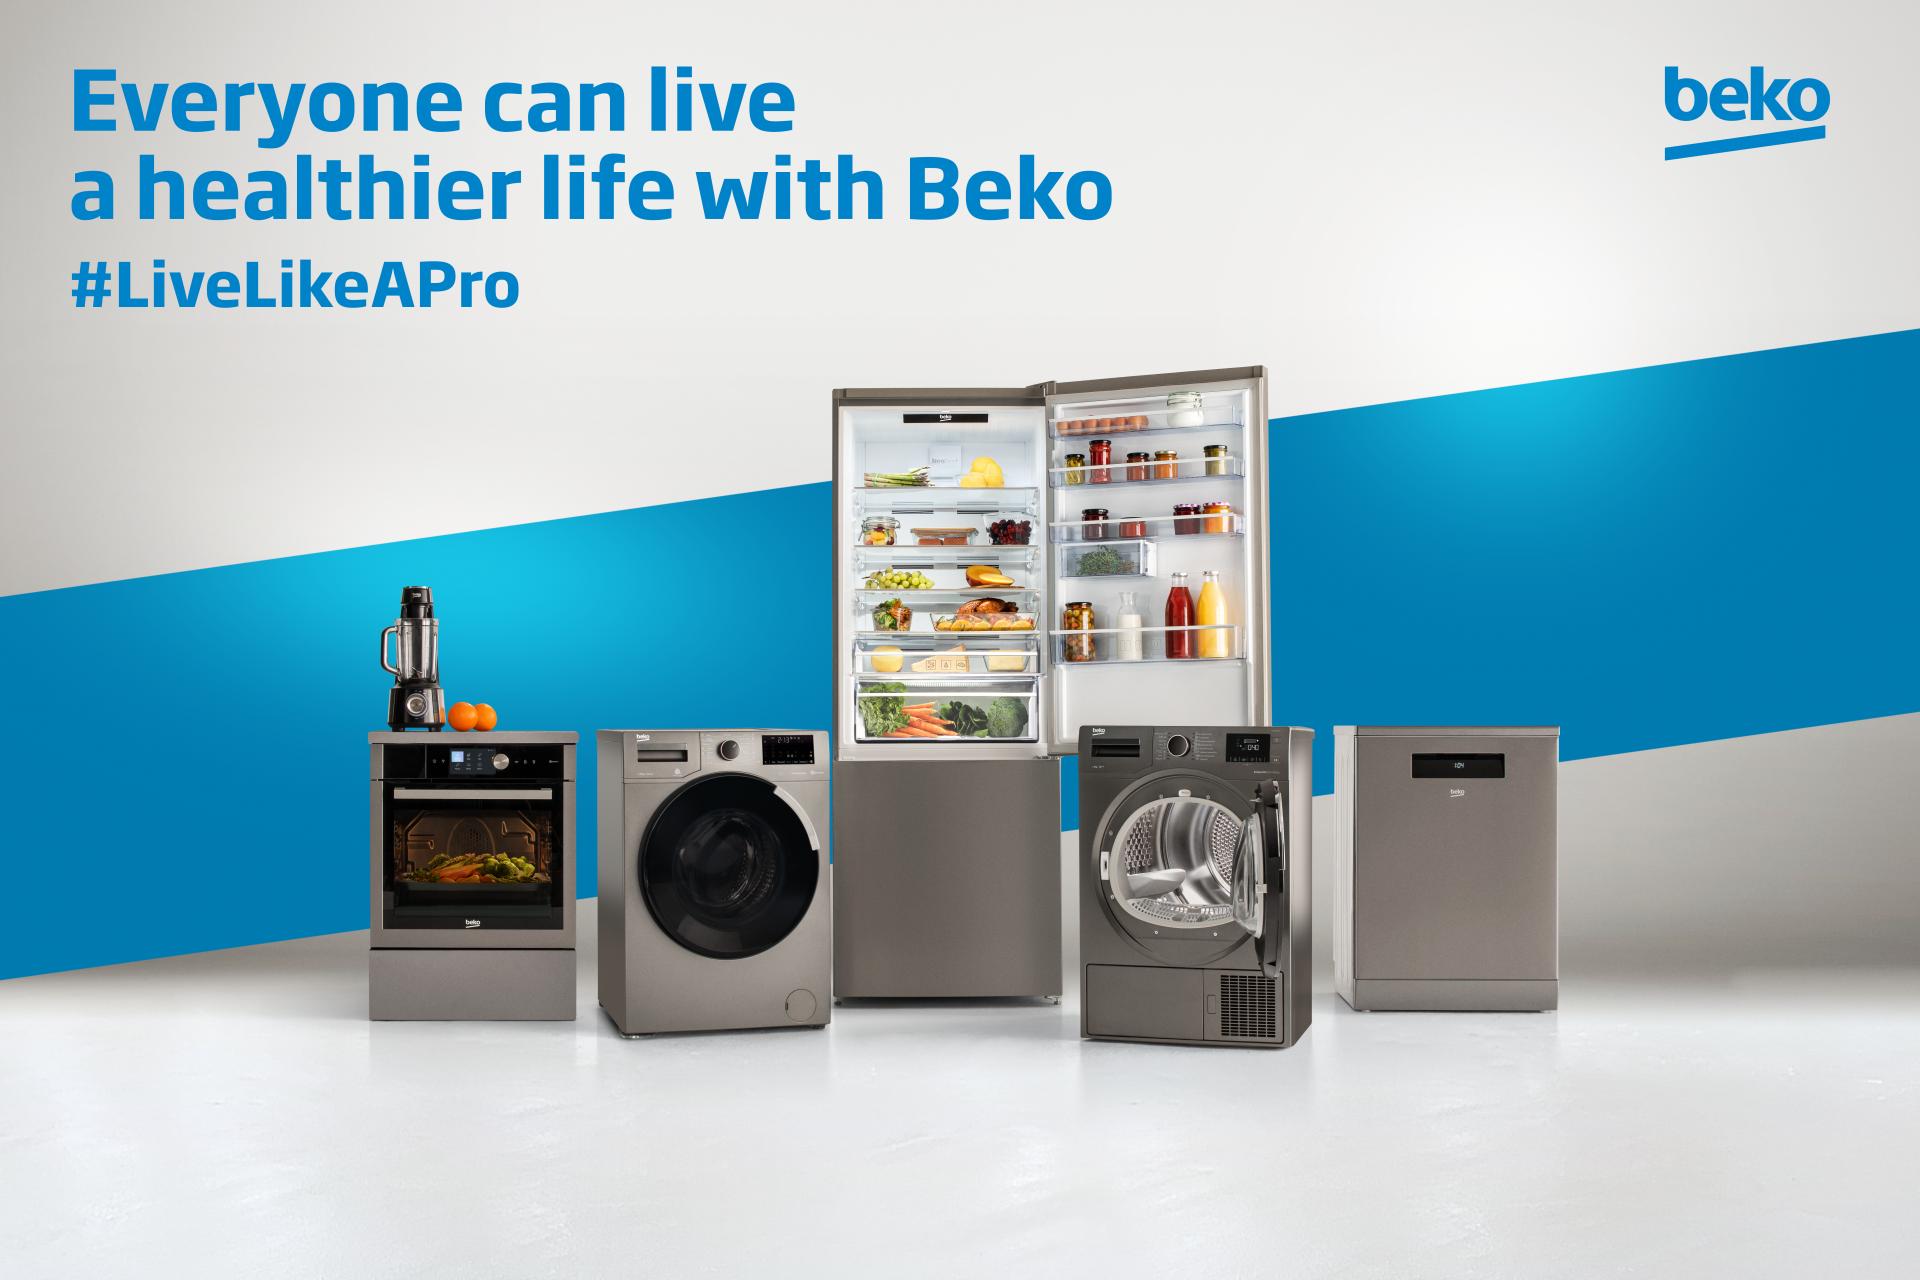 Beko 2020 Live Like A Pro Key Visual Image